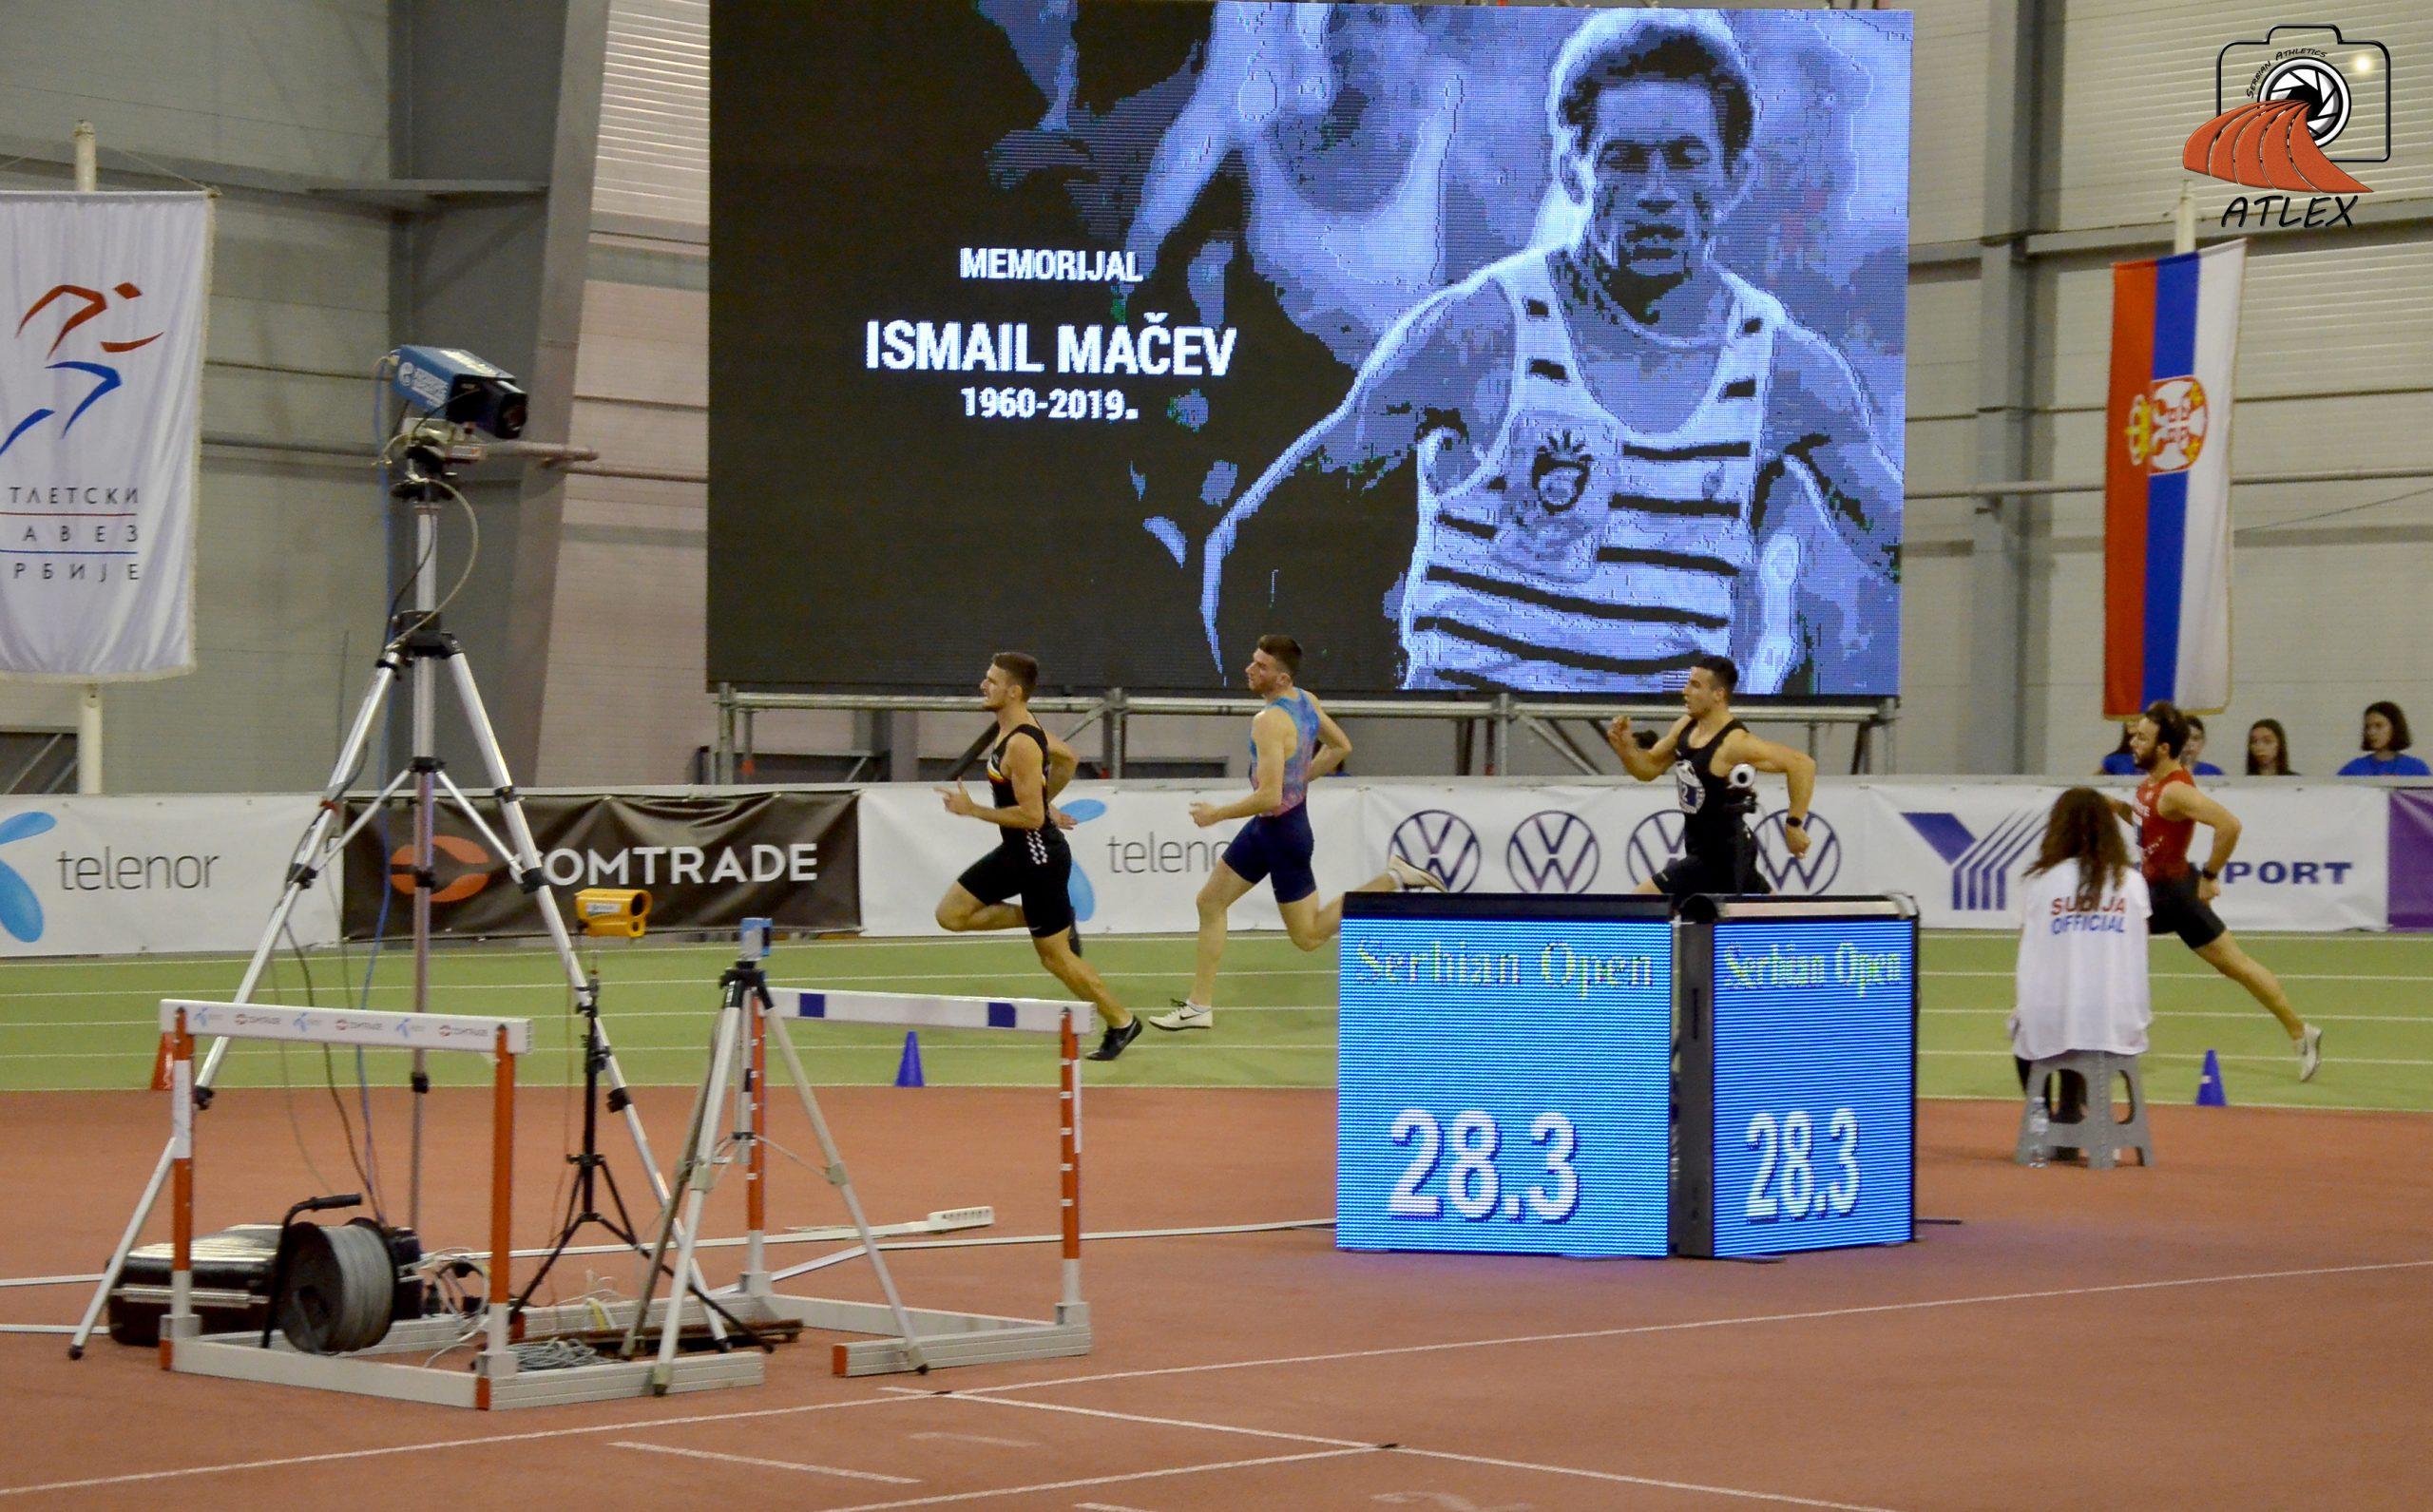 Memorijalna trka na 400 metara Ismail Mačev, Serbian Open 2020